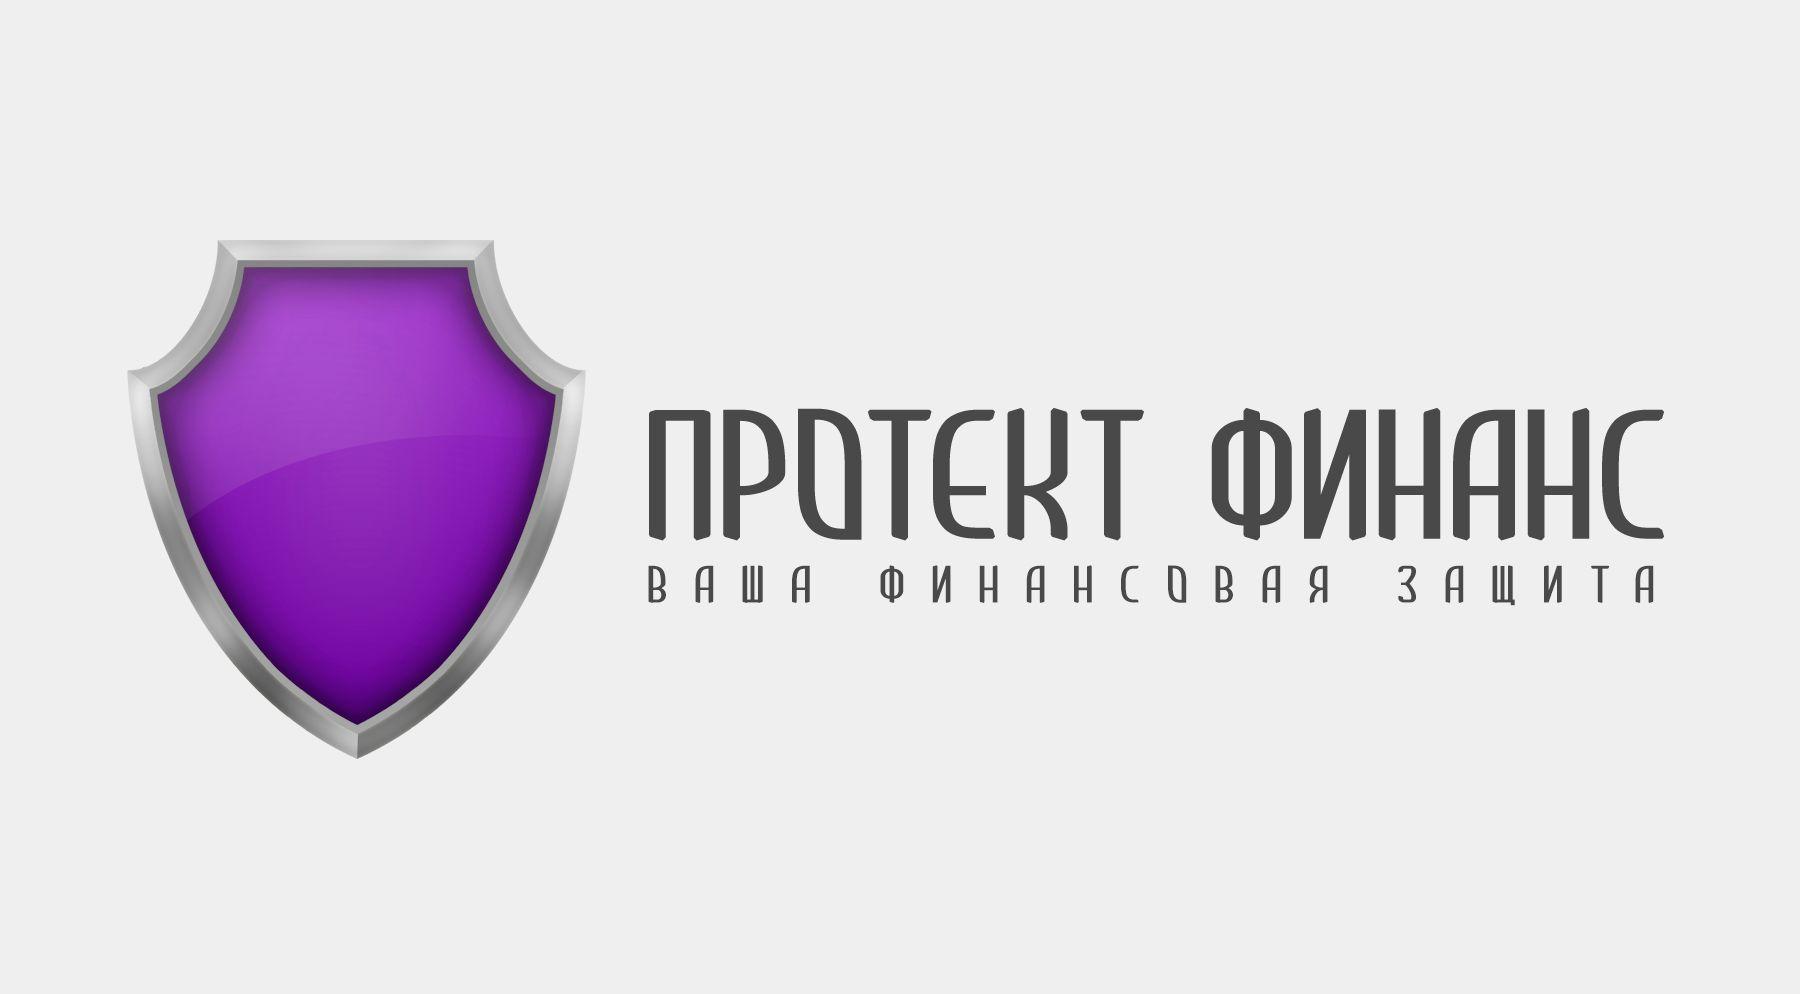 Фирм.стиль для ООО МФО «Протект Финанс» - дизайнер epsylonart